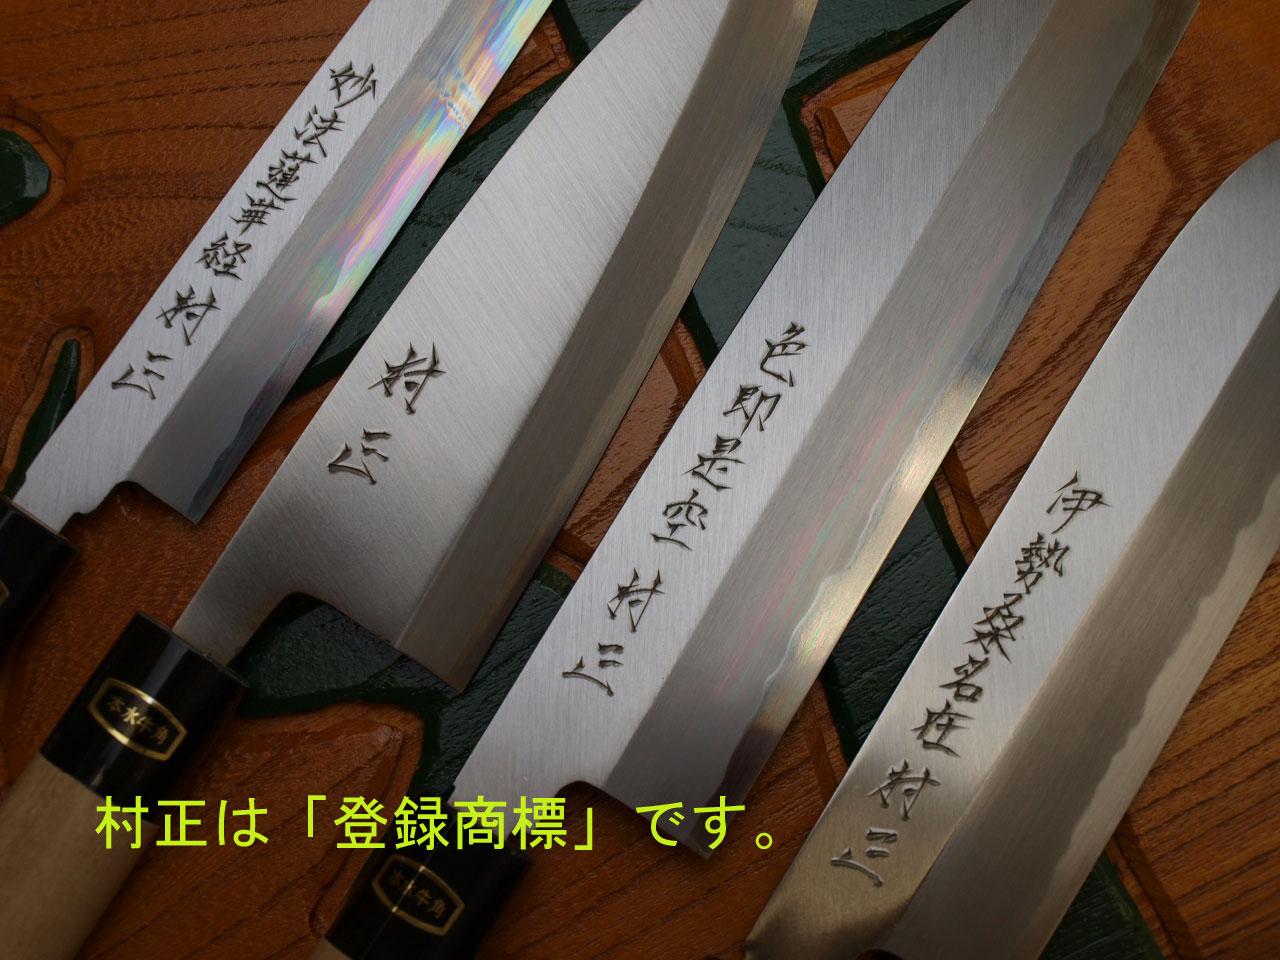 柳树叶片 300 毫米签名: 妙法莲华经 》 蓝号 2